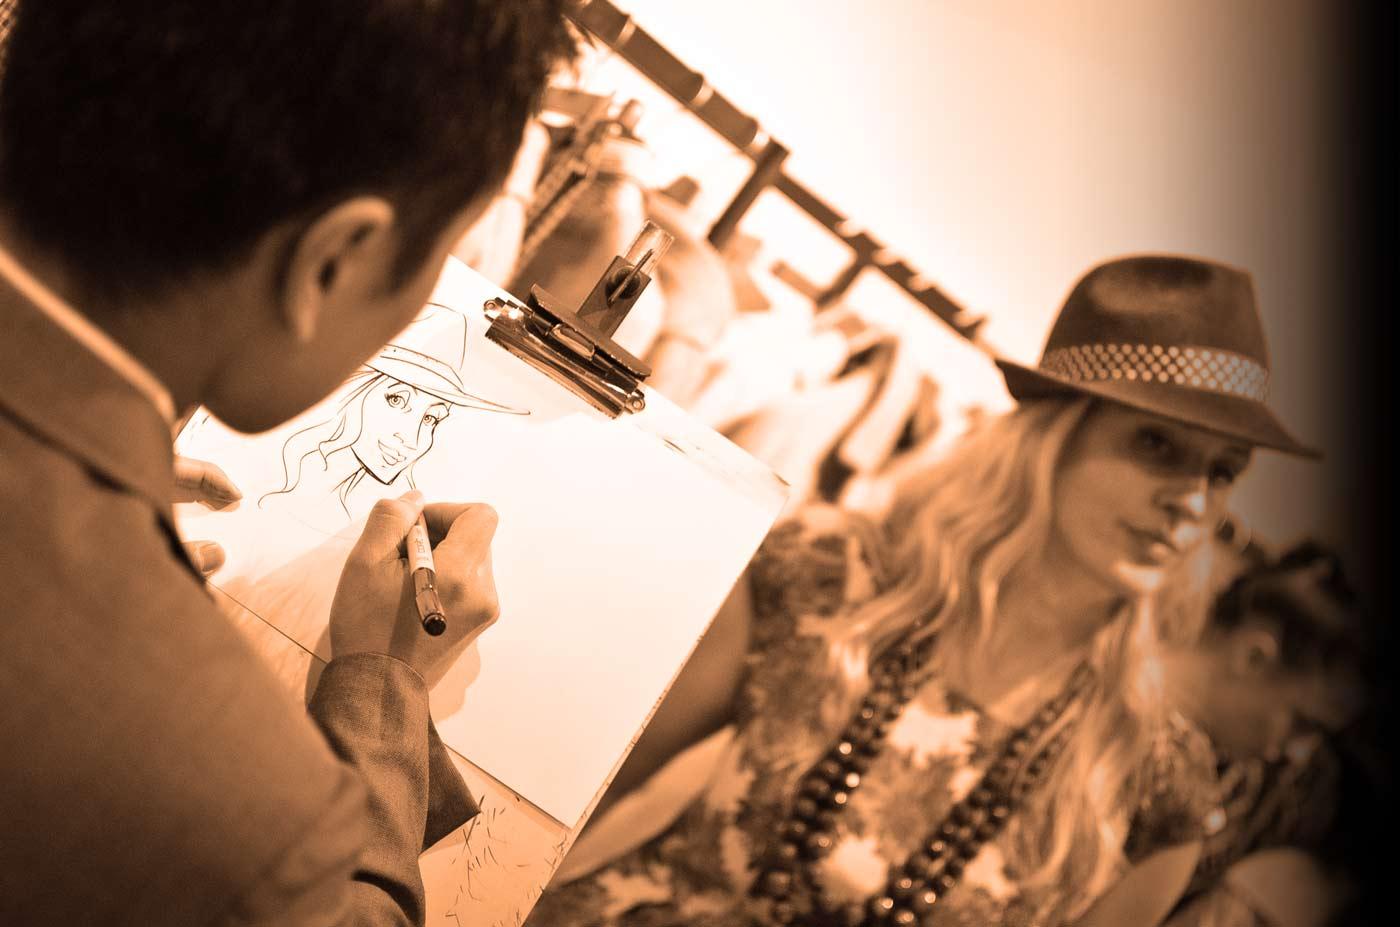 Schnellzeichner auf Eröffnungsfeier eines Modegeschäftes, Karikatur auf Einladungskarte